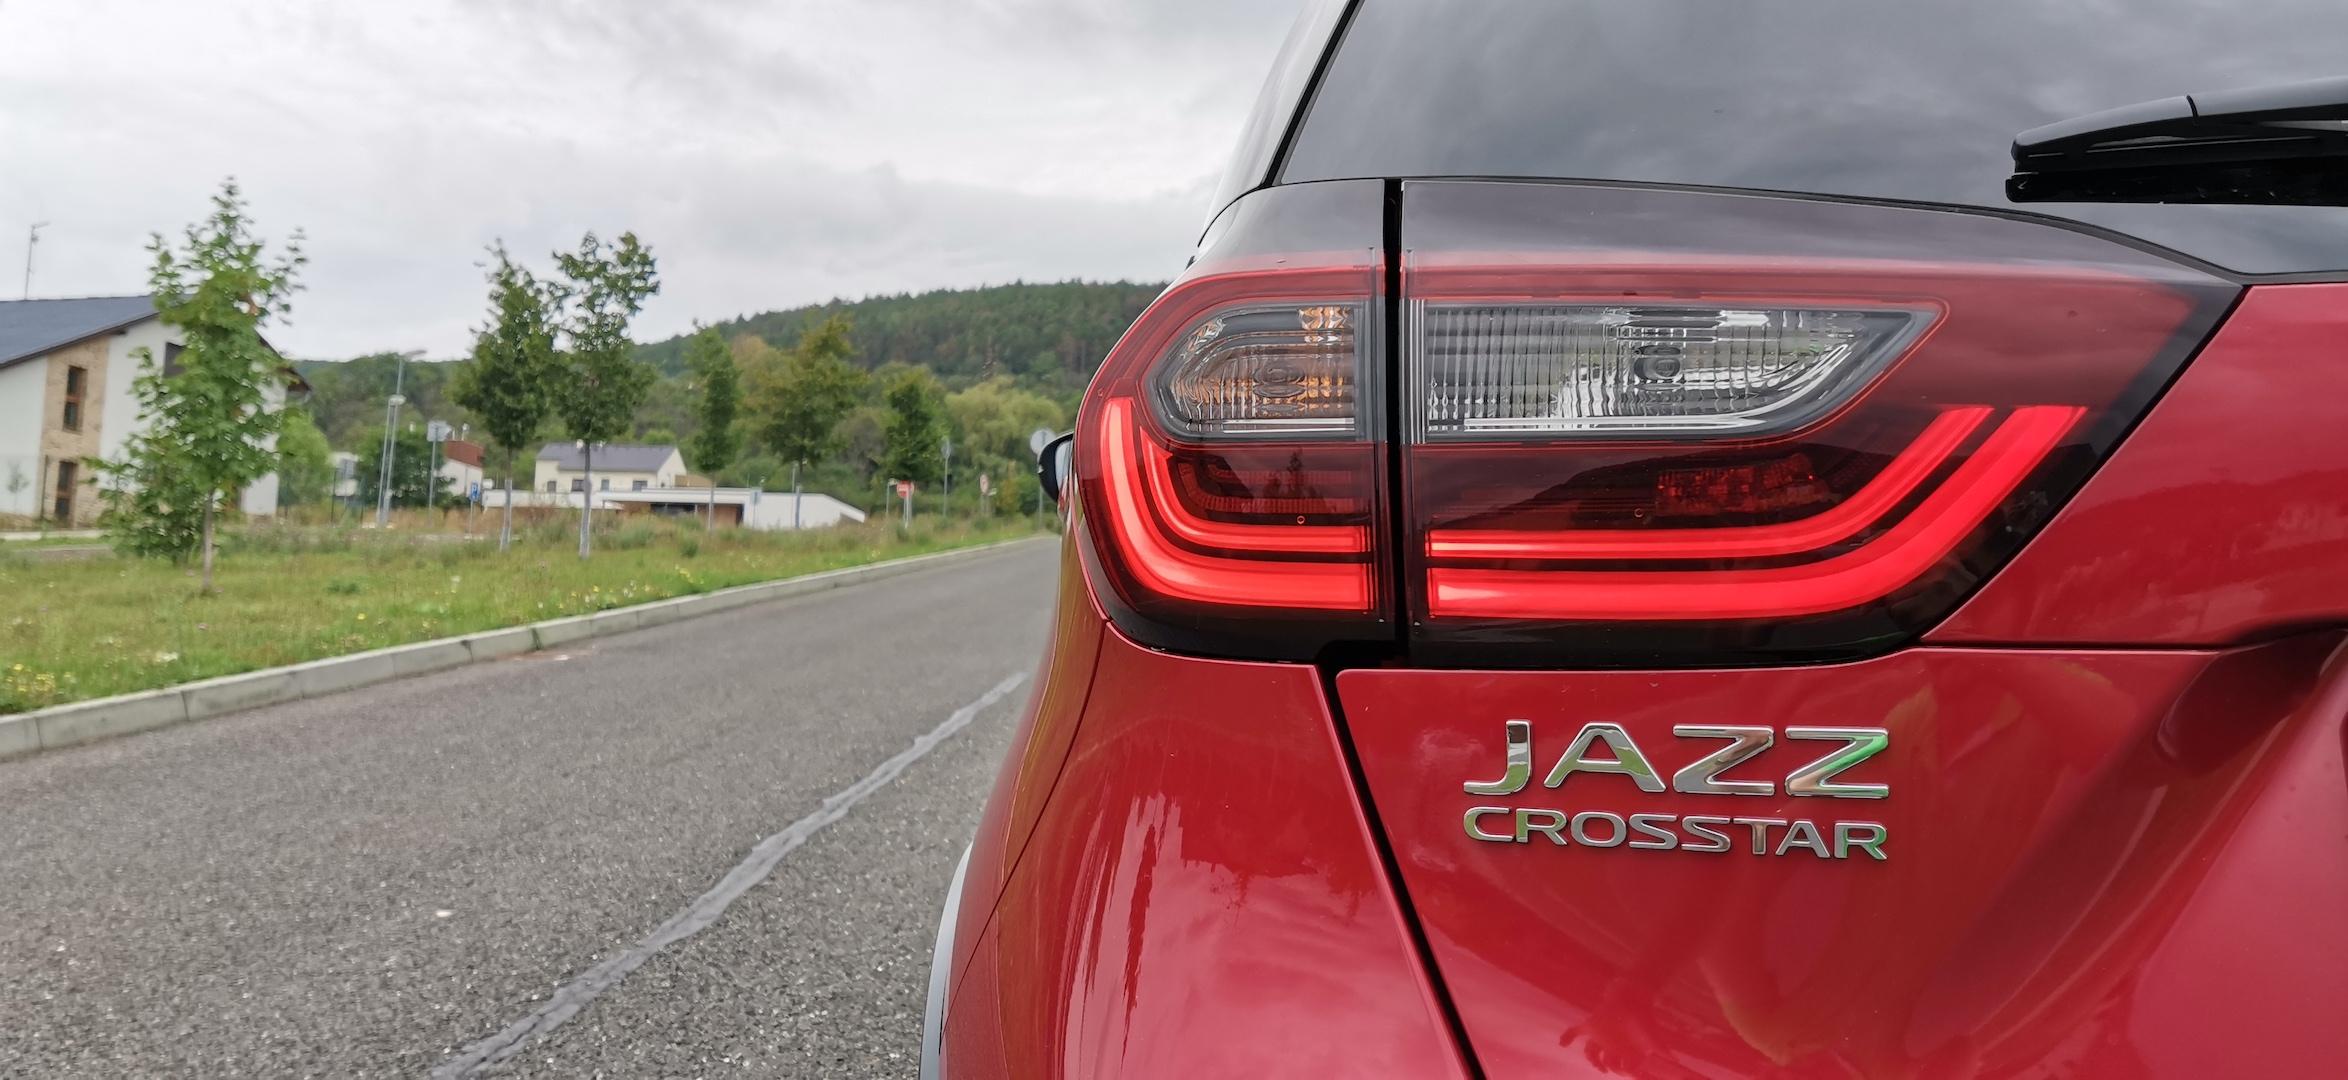 Honda Jazz Hybrid Crosstar - označení modelu